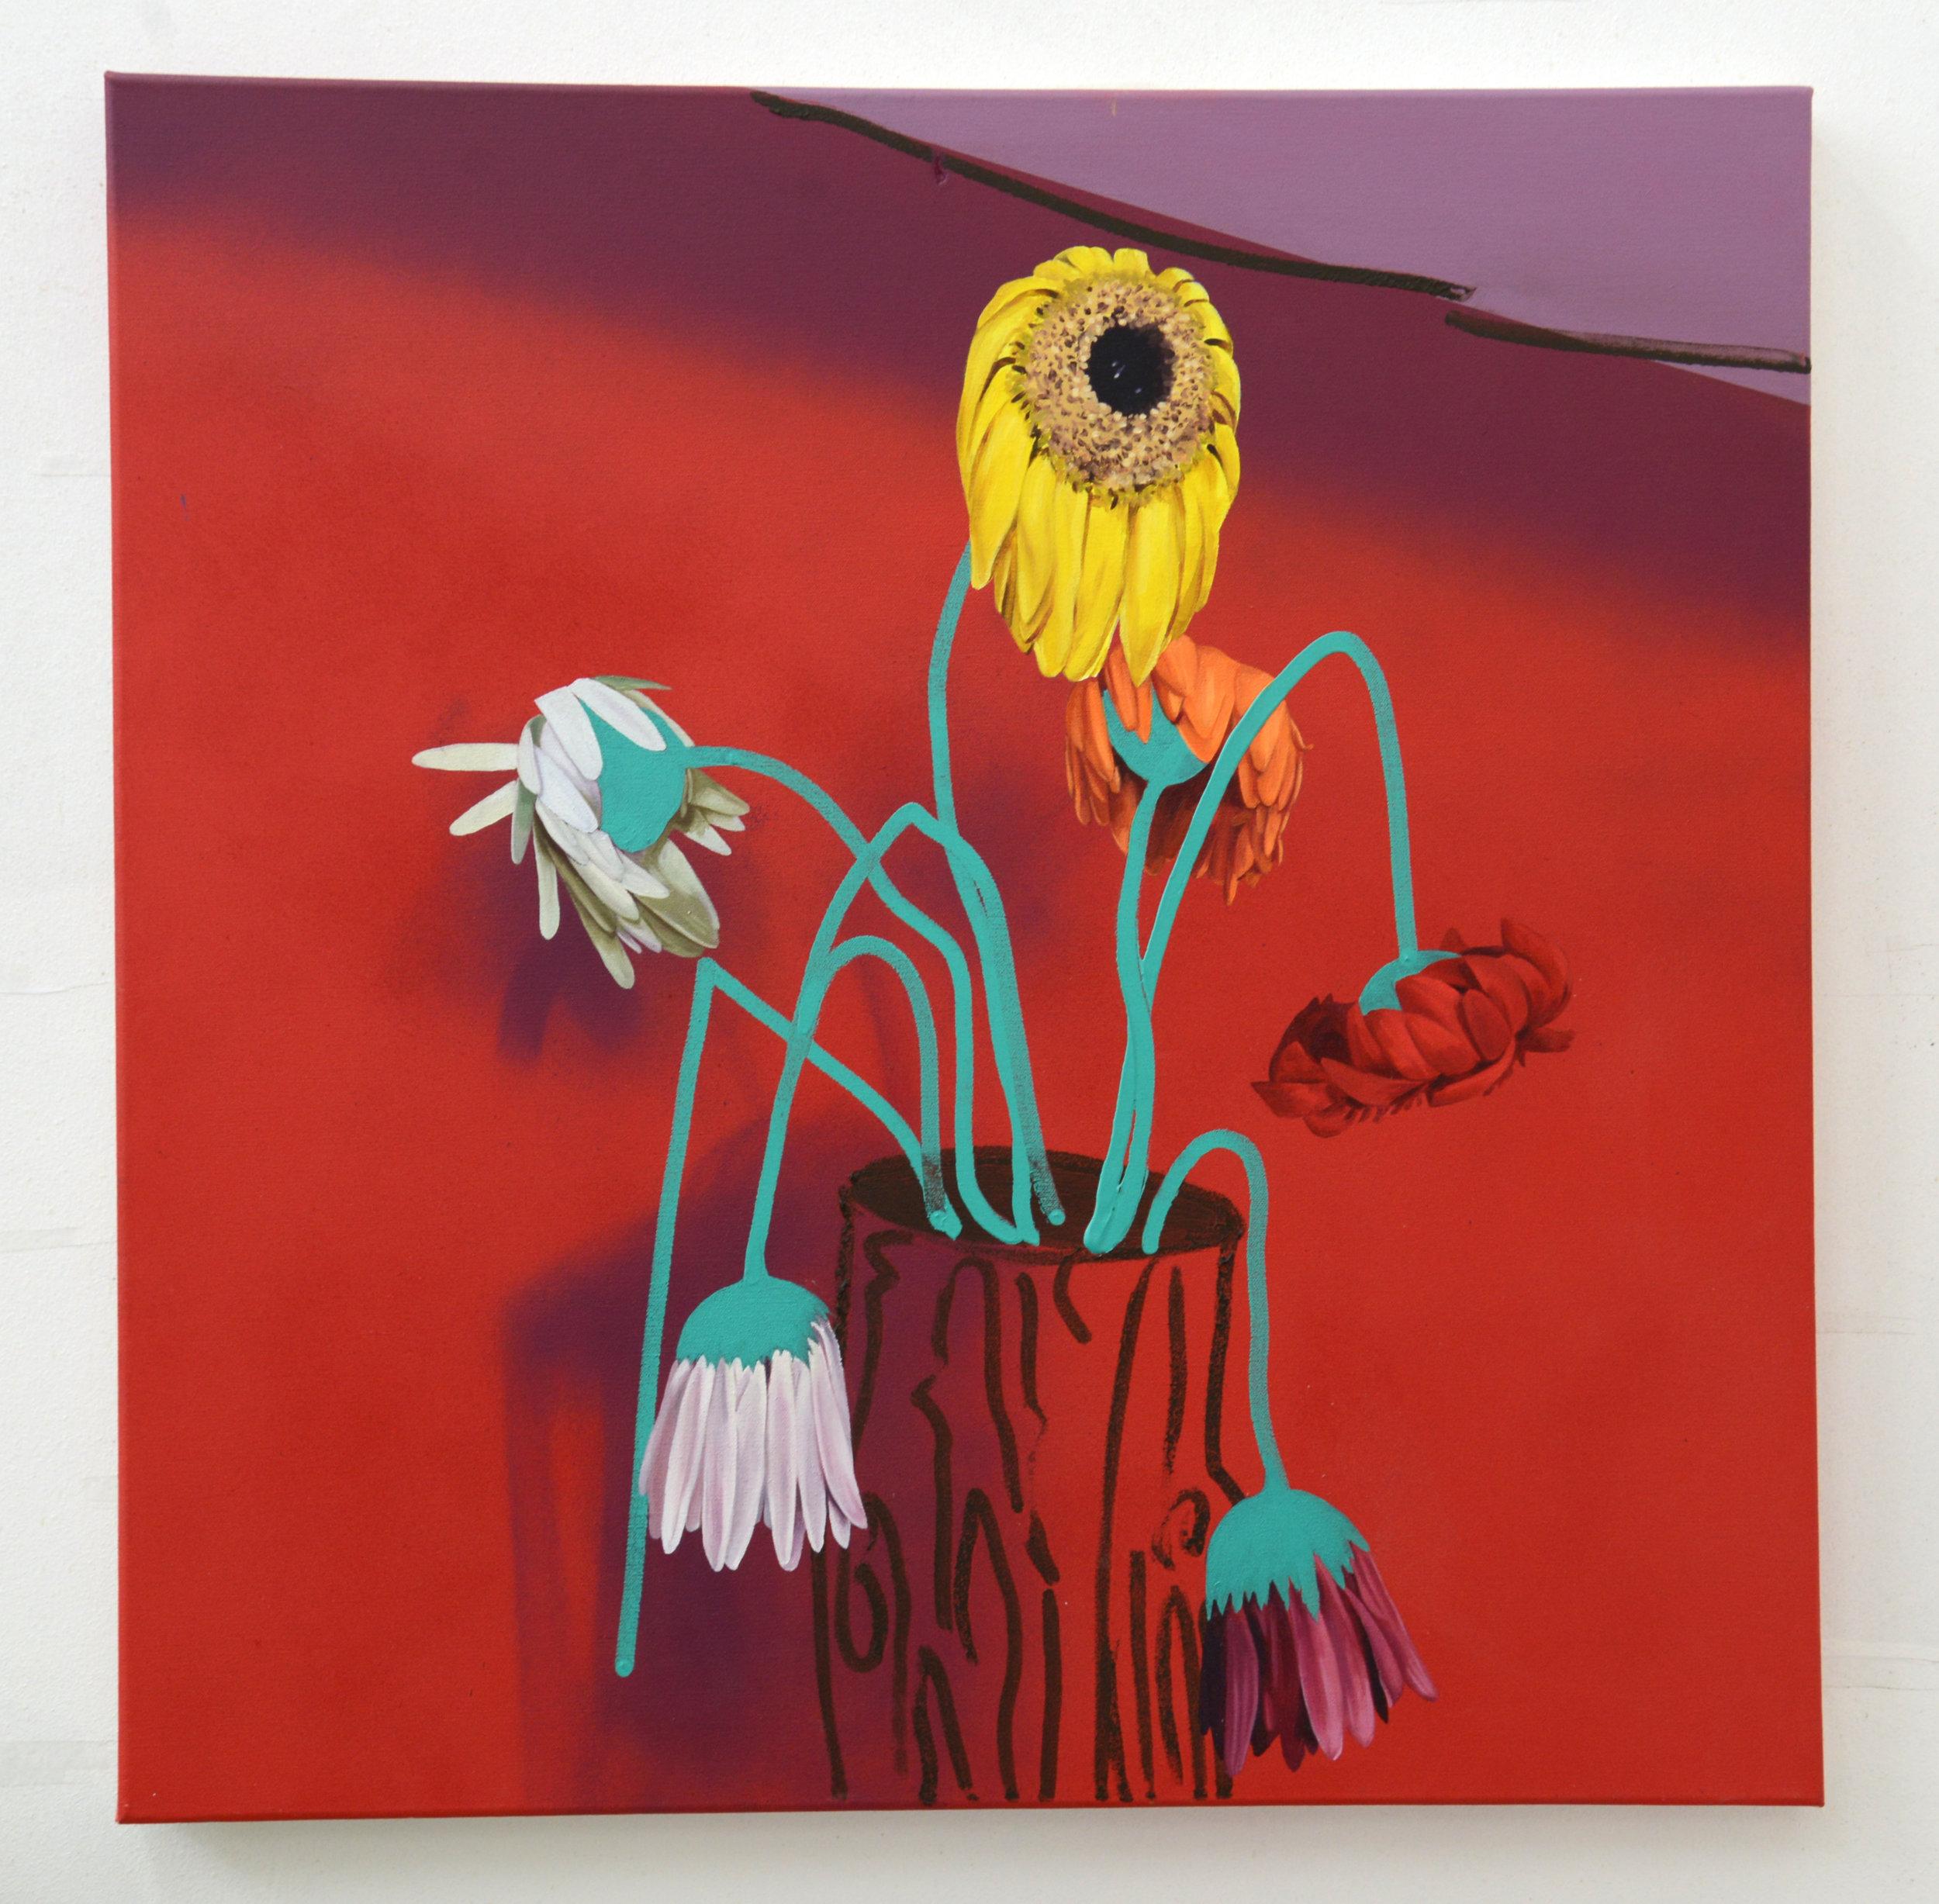 Joachim, 2016, oil, acrylic and spray paint on canvas, 76cm x 76cm